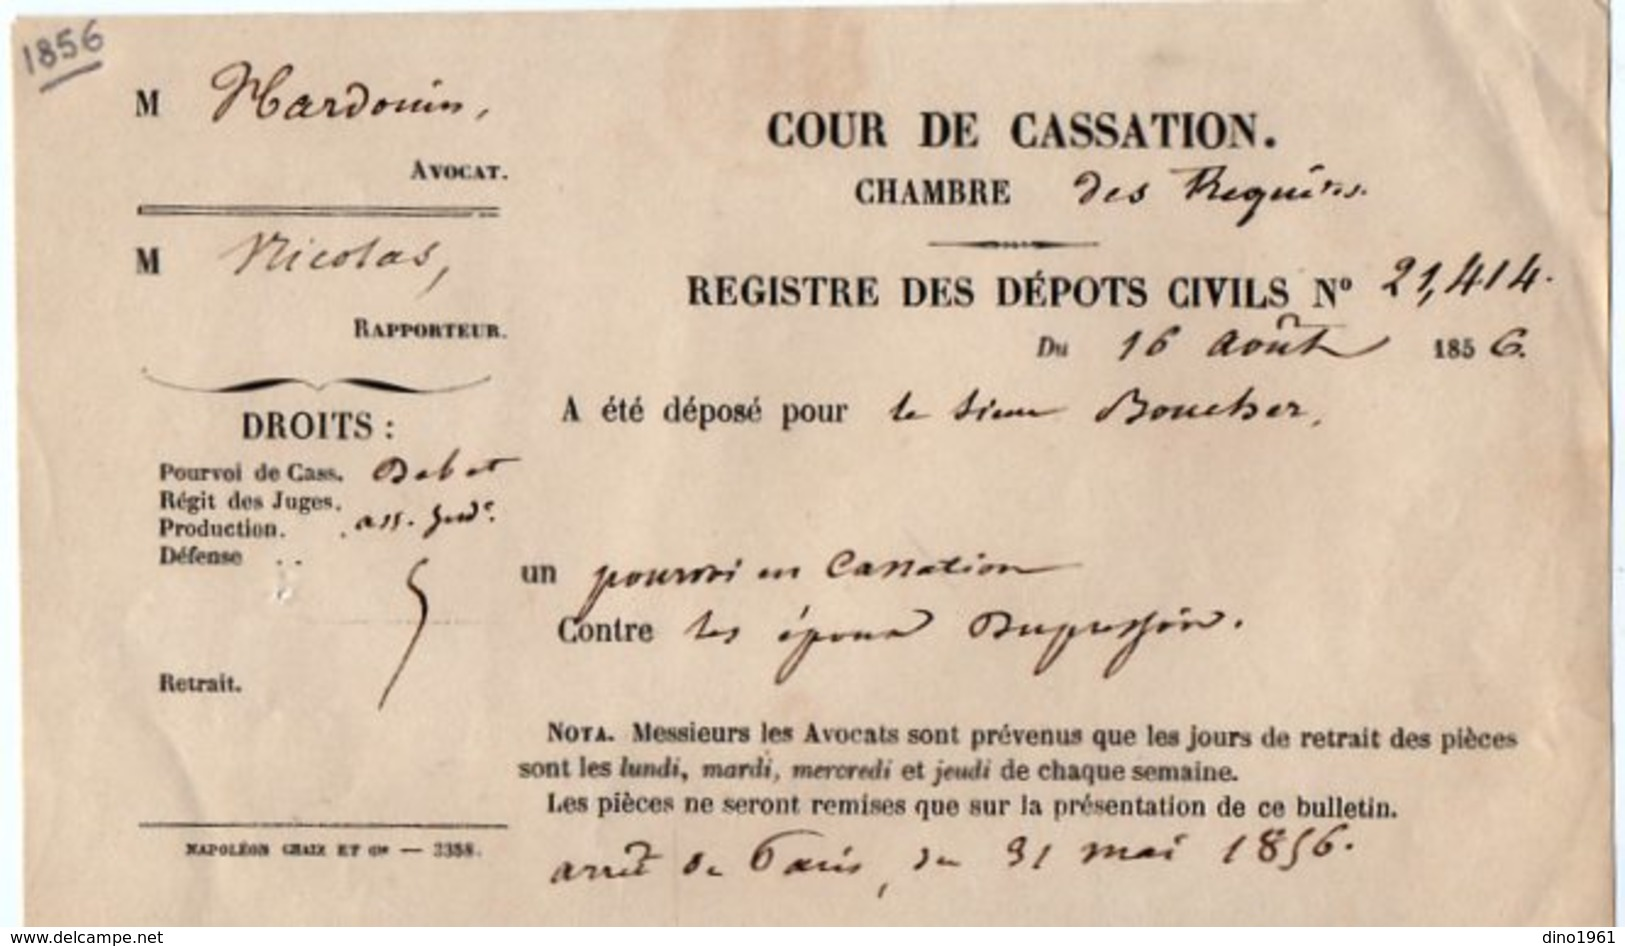 VP14.530 - PARIS 1856 - Cour De Cassation - Registre Des Dépots Civils - Collections